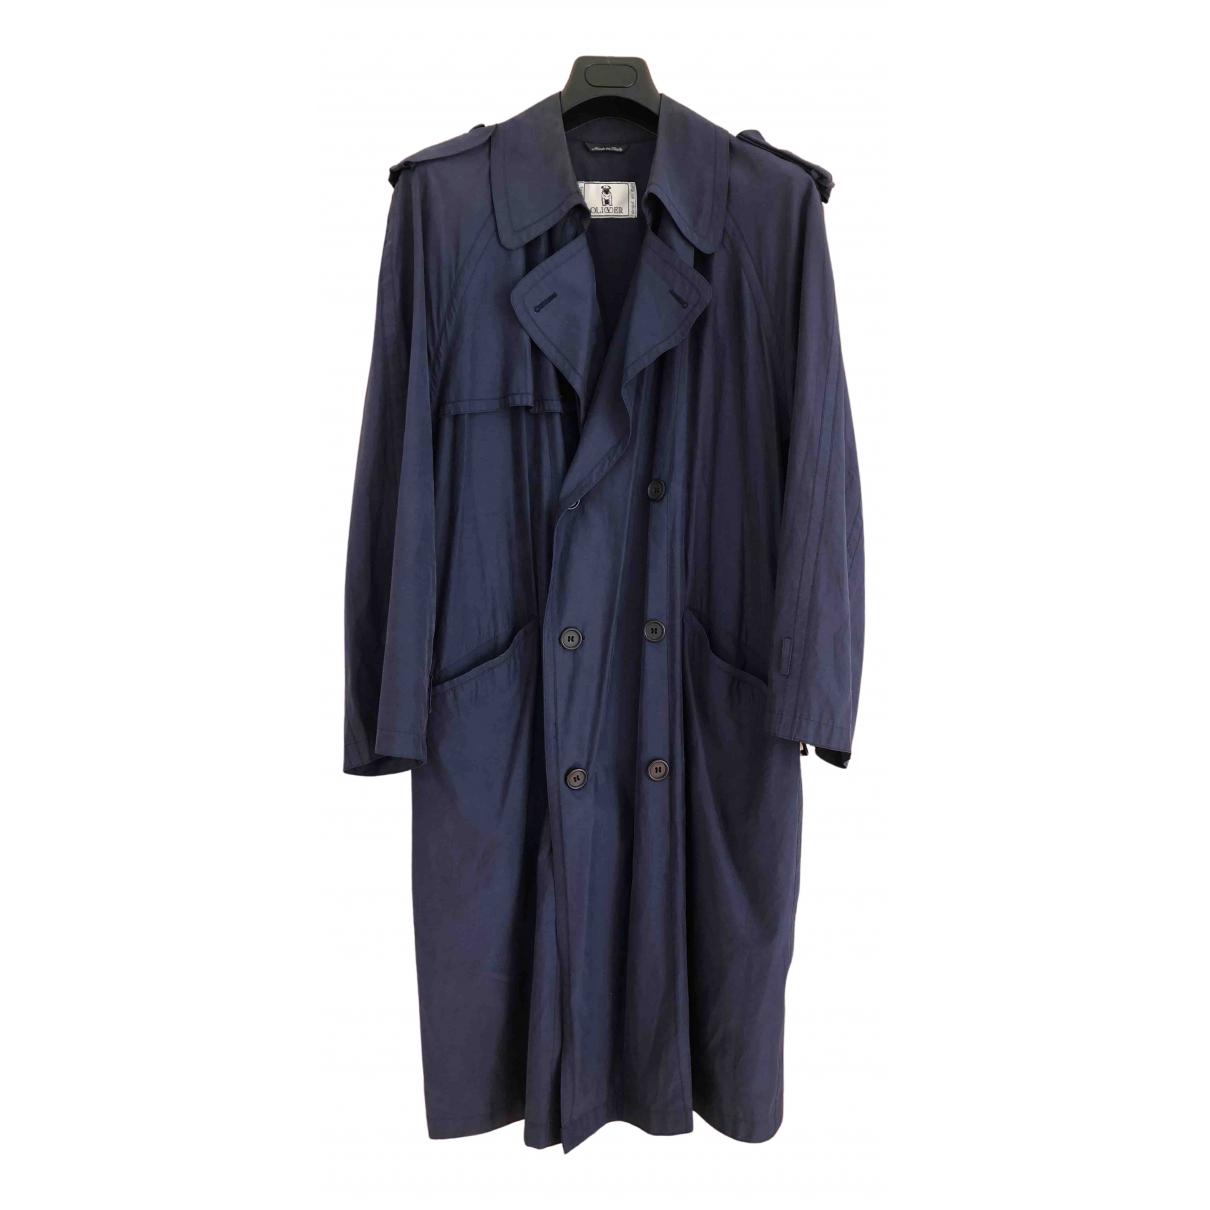 Valentino Garavani - Manteau   pour homme en coton - bleu